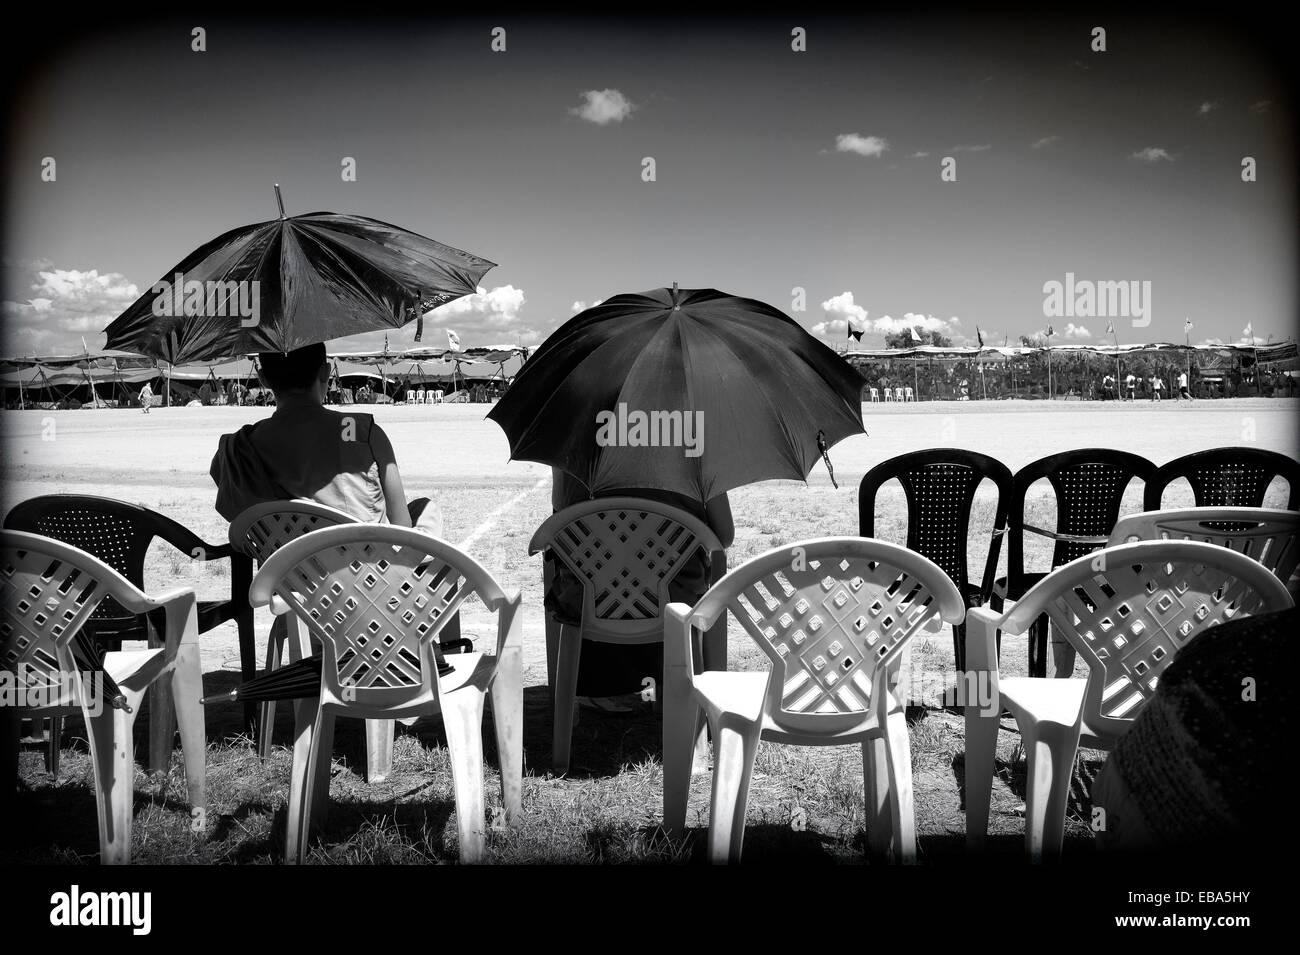 dos hombres de espaldas sentados, con paraguas, esperando en un campo de futbol, Campamento de refugiados Tibetano, - Stock Image